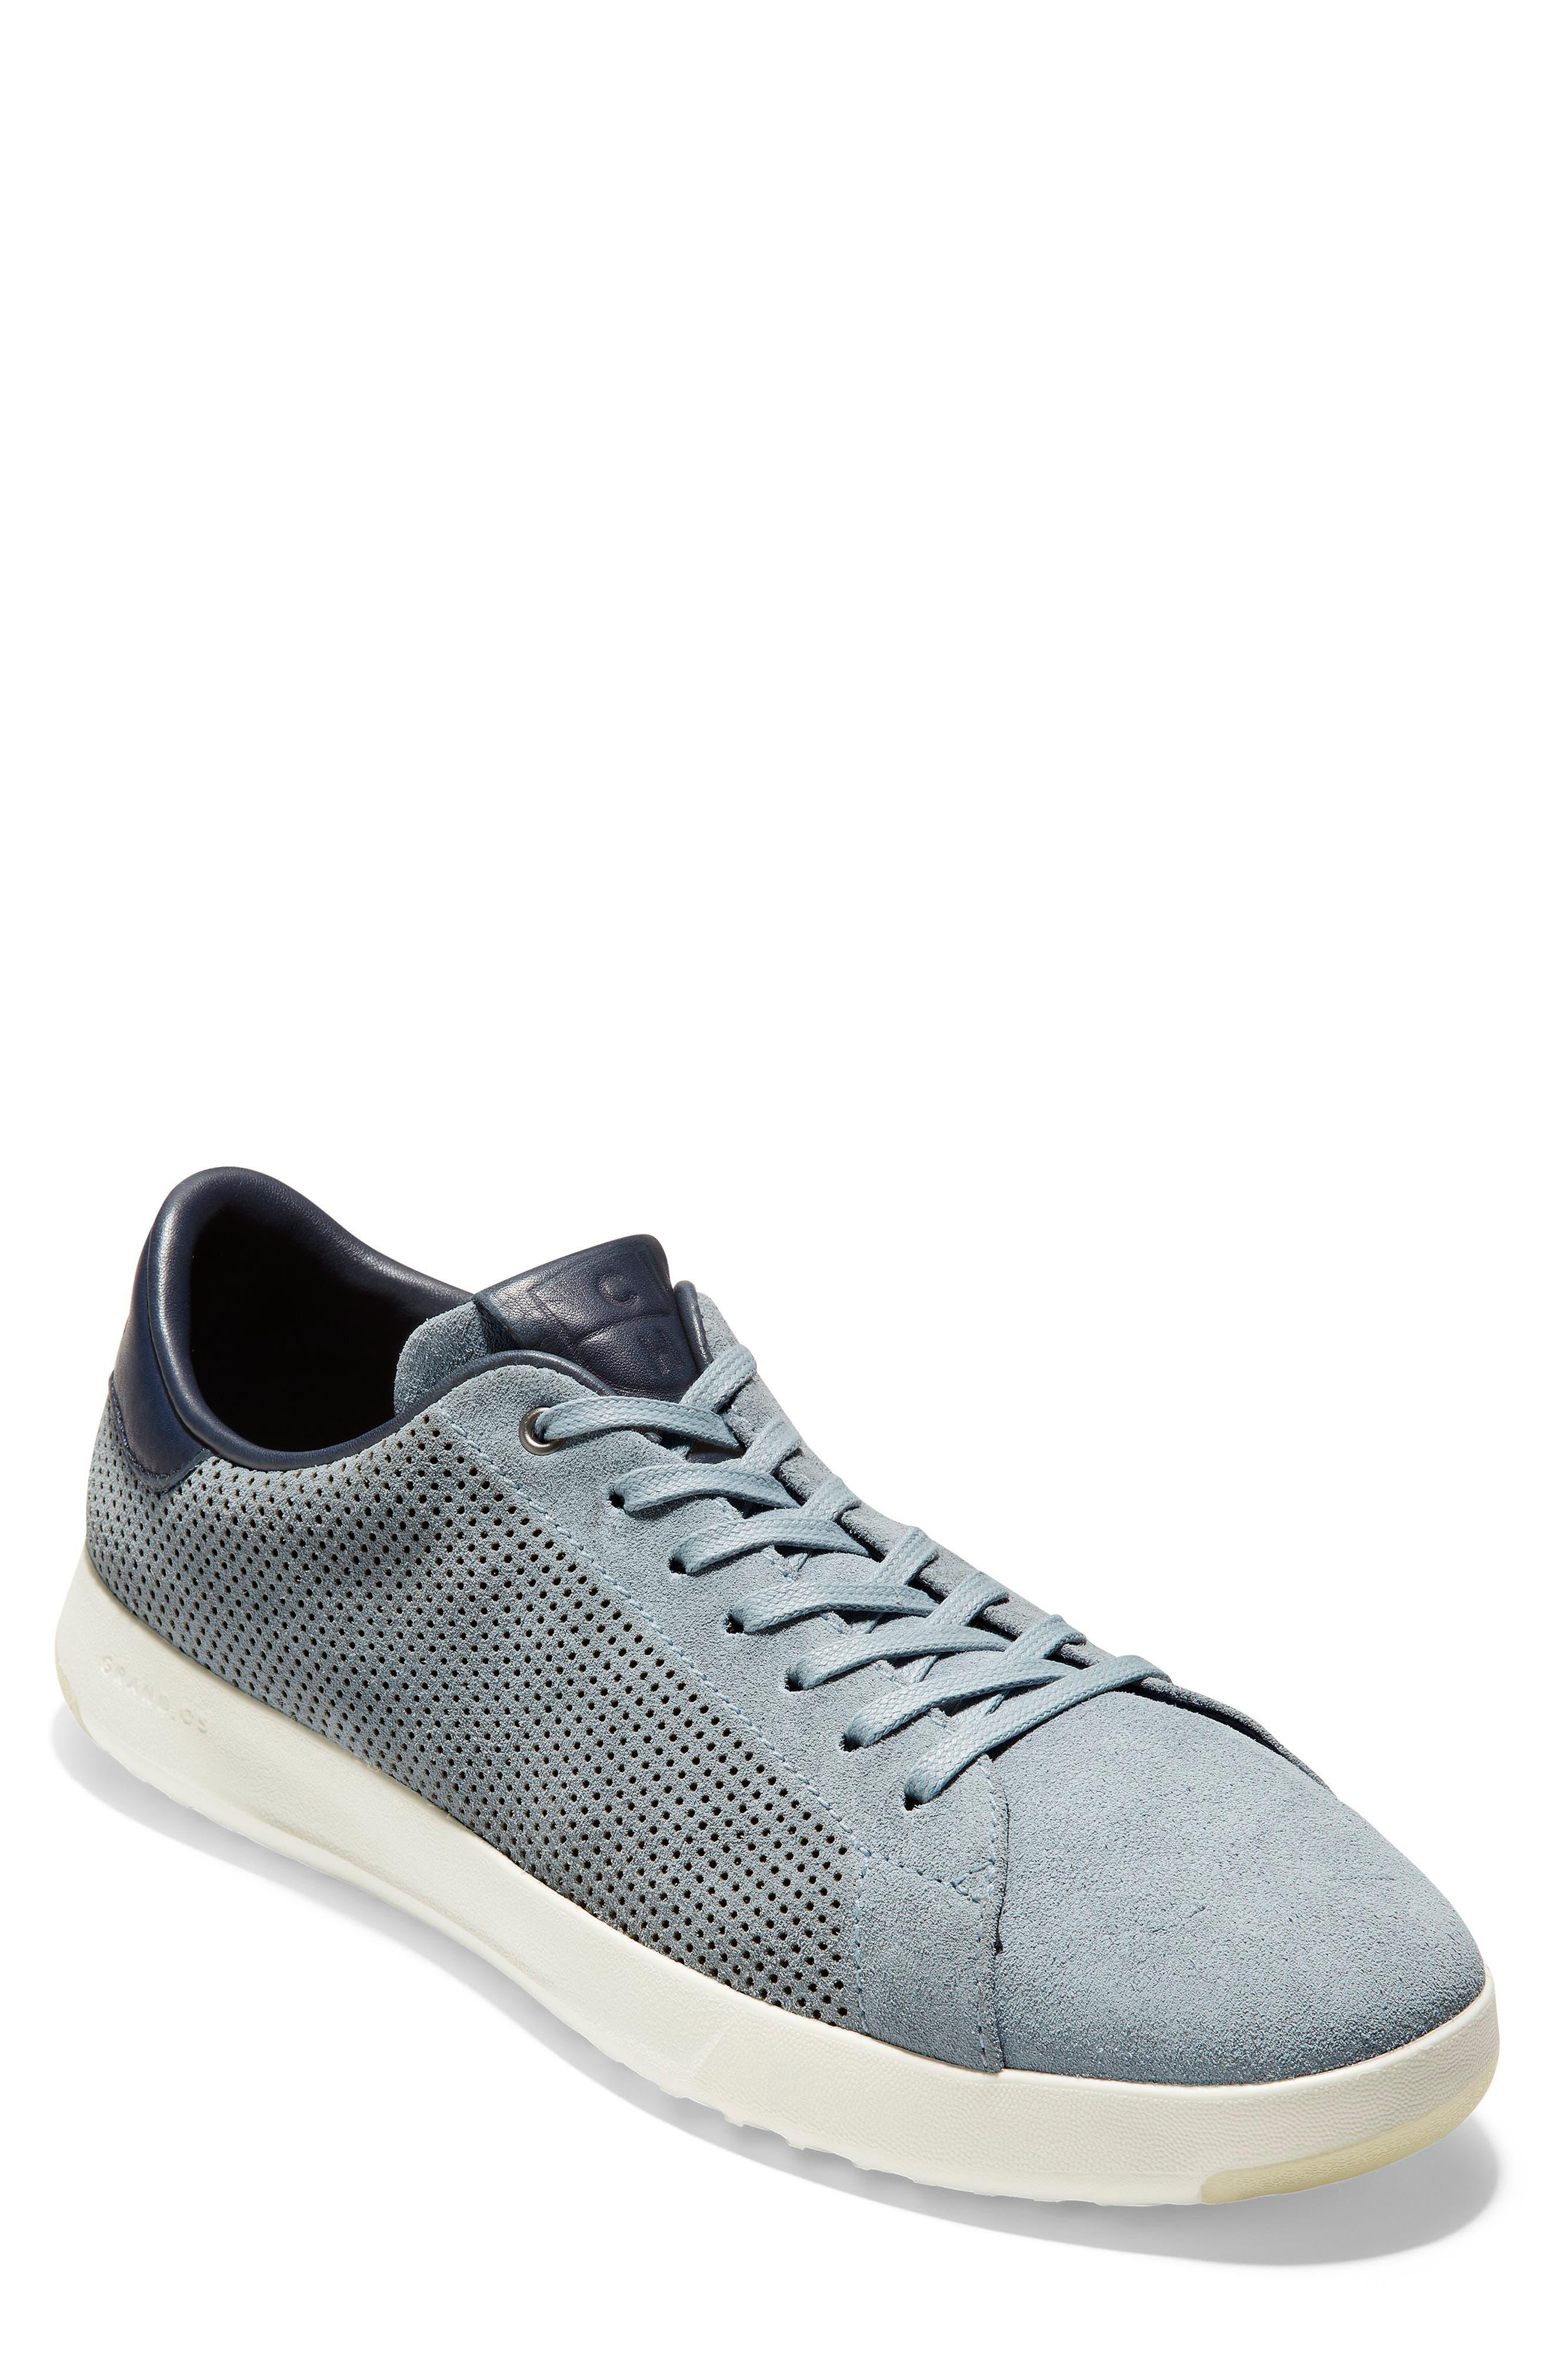 Cole Haan Grandpro Tennis Sneaker, Blue